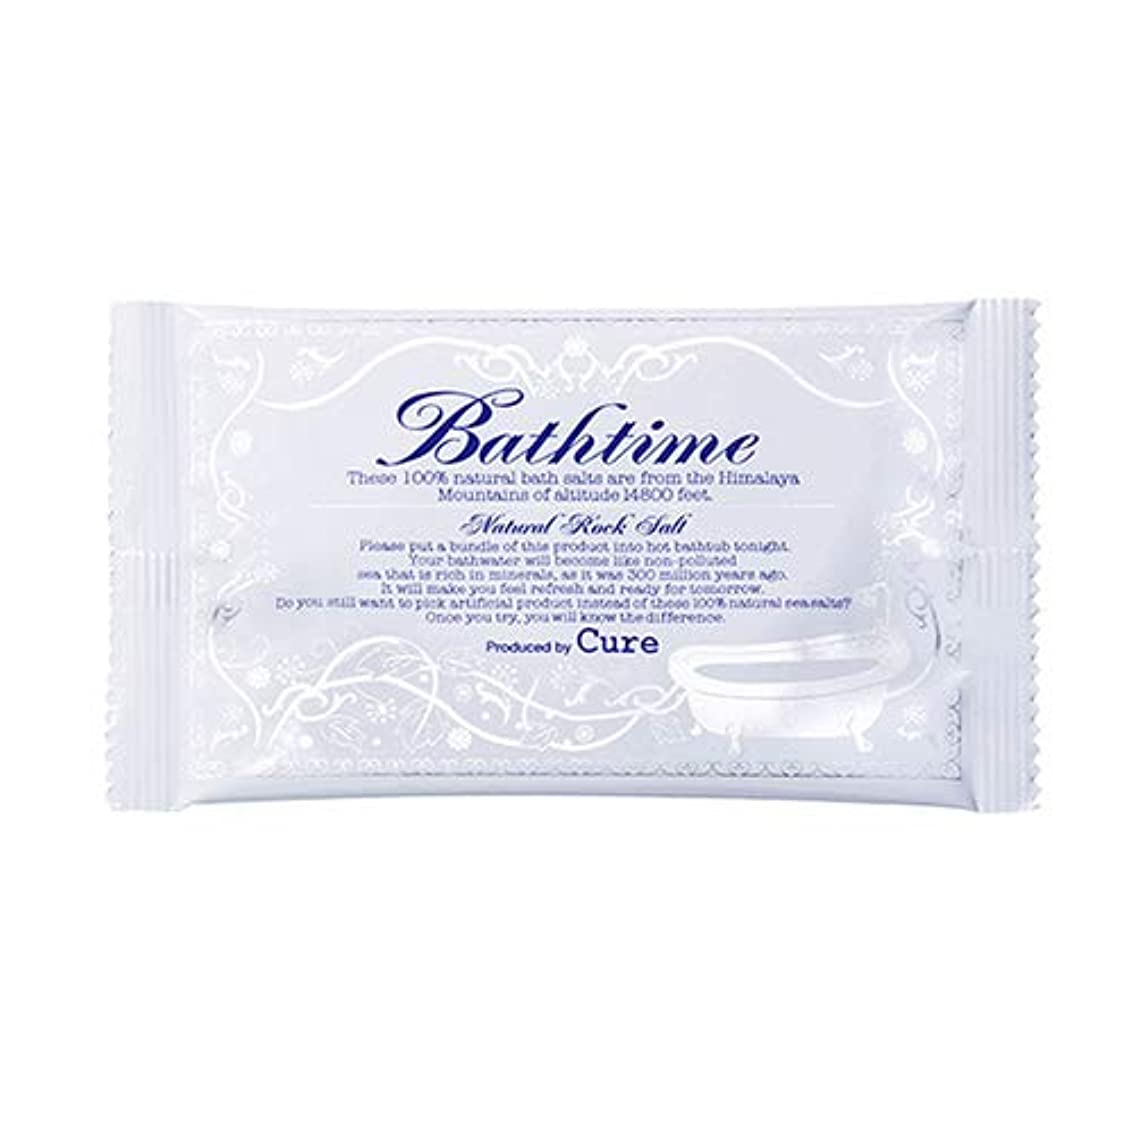 バスタイム (20g) Cure 温浴系バスソルト 入浴剤